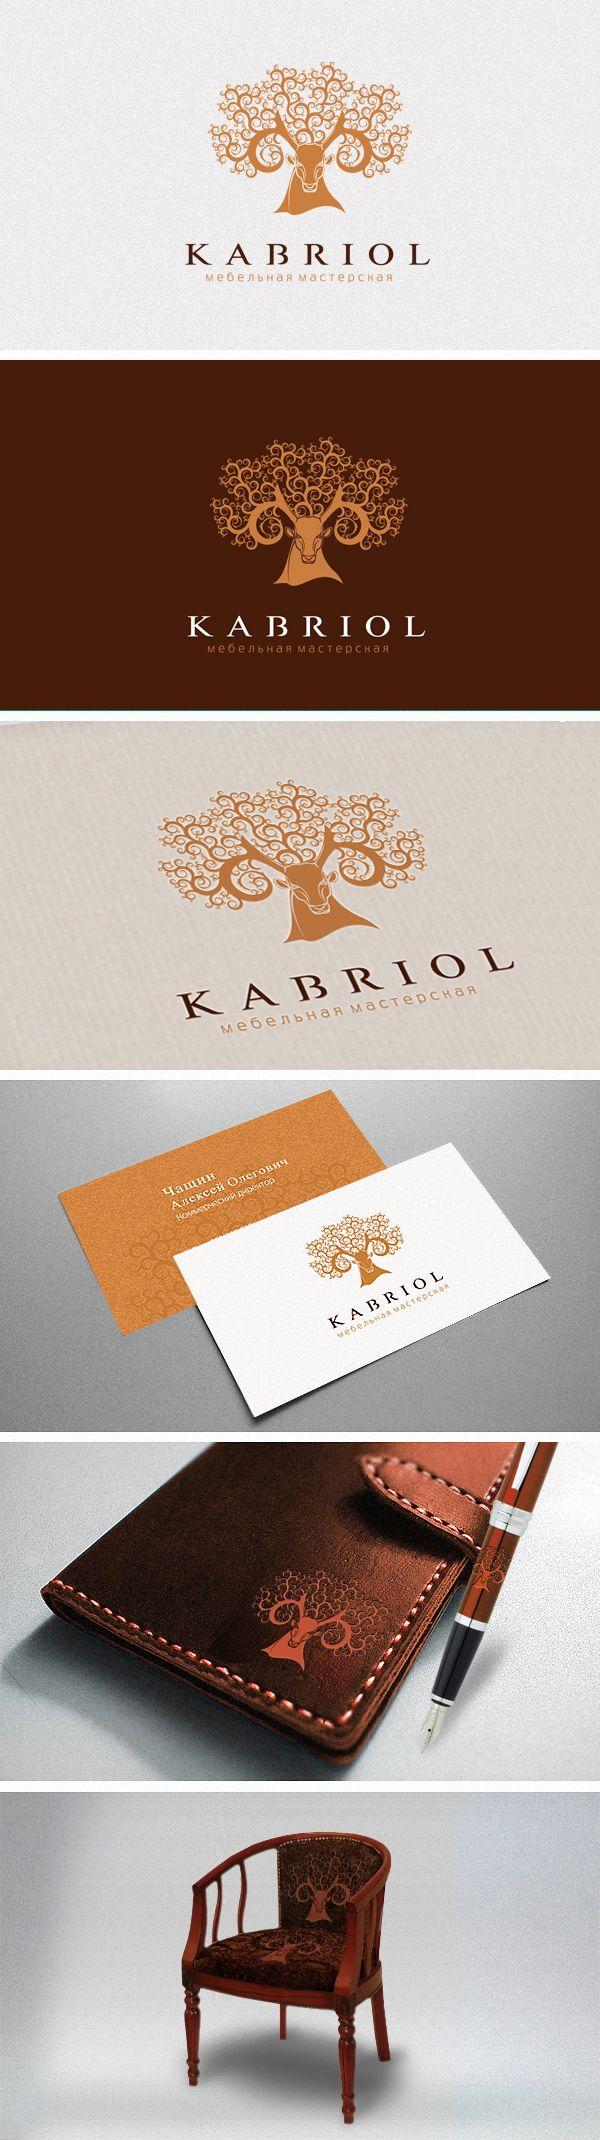 kabriol branding